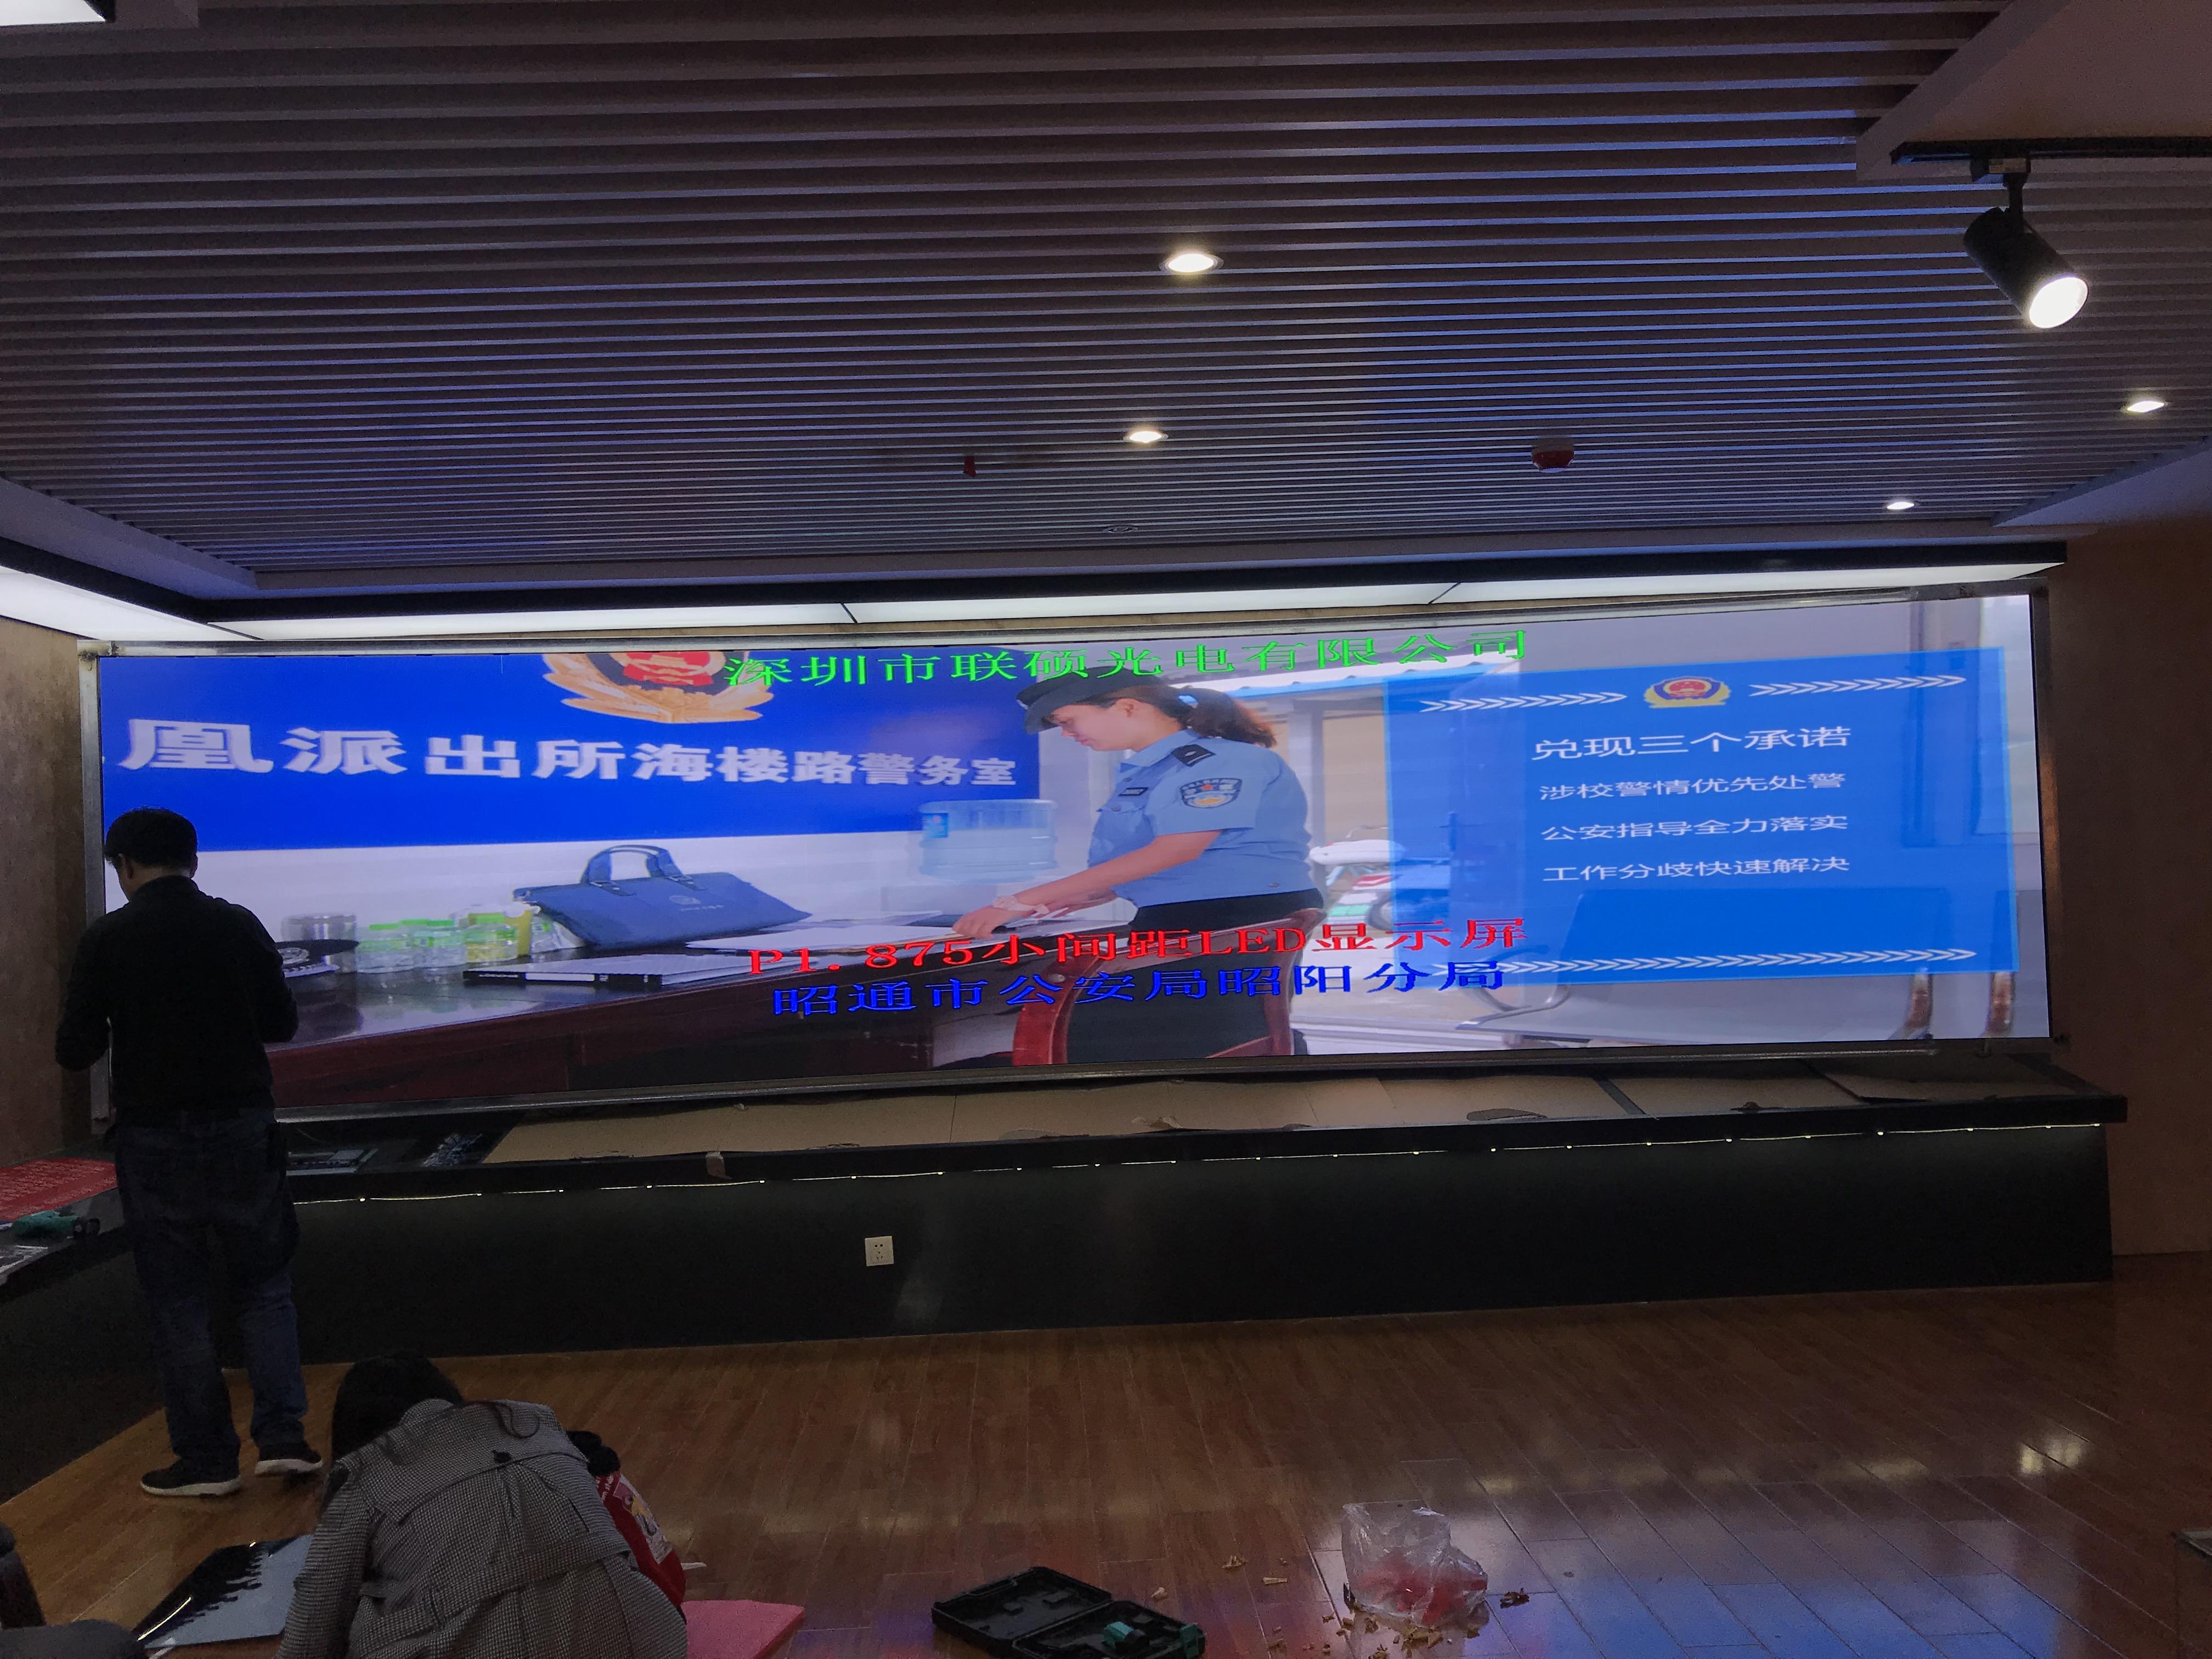 高清大屏幕137028965